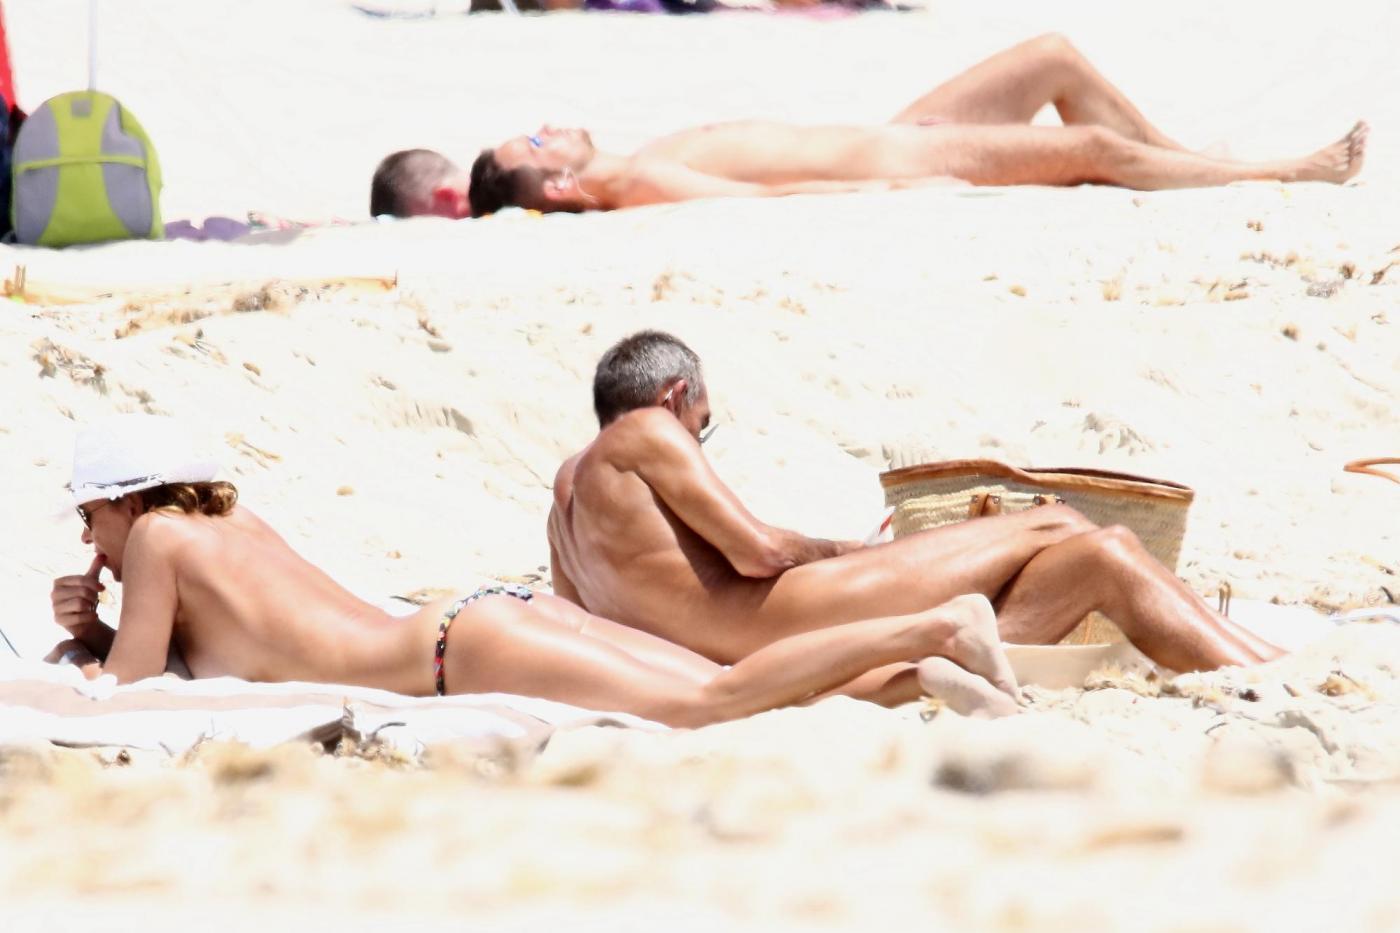 Cristina Parodi, tintarella a Formentera con amiche: topless perfetto a 50 anni 04